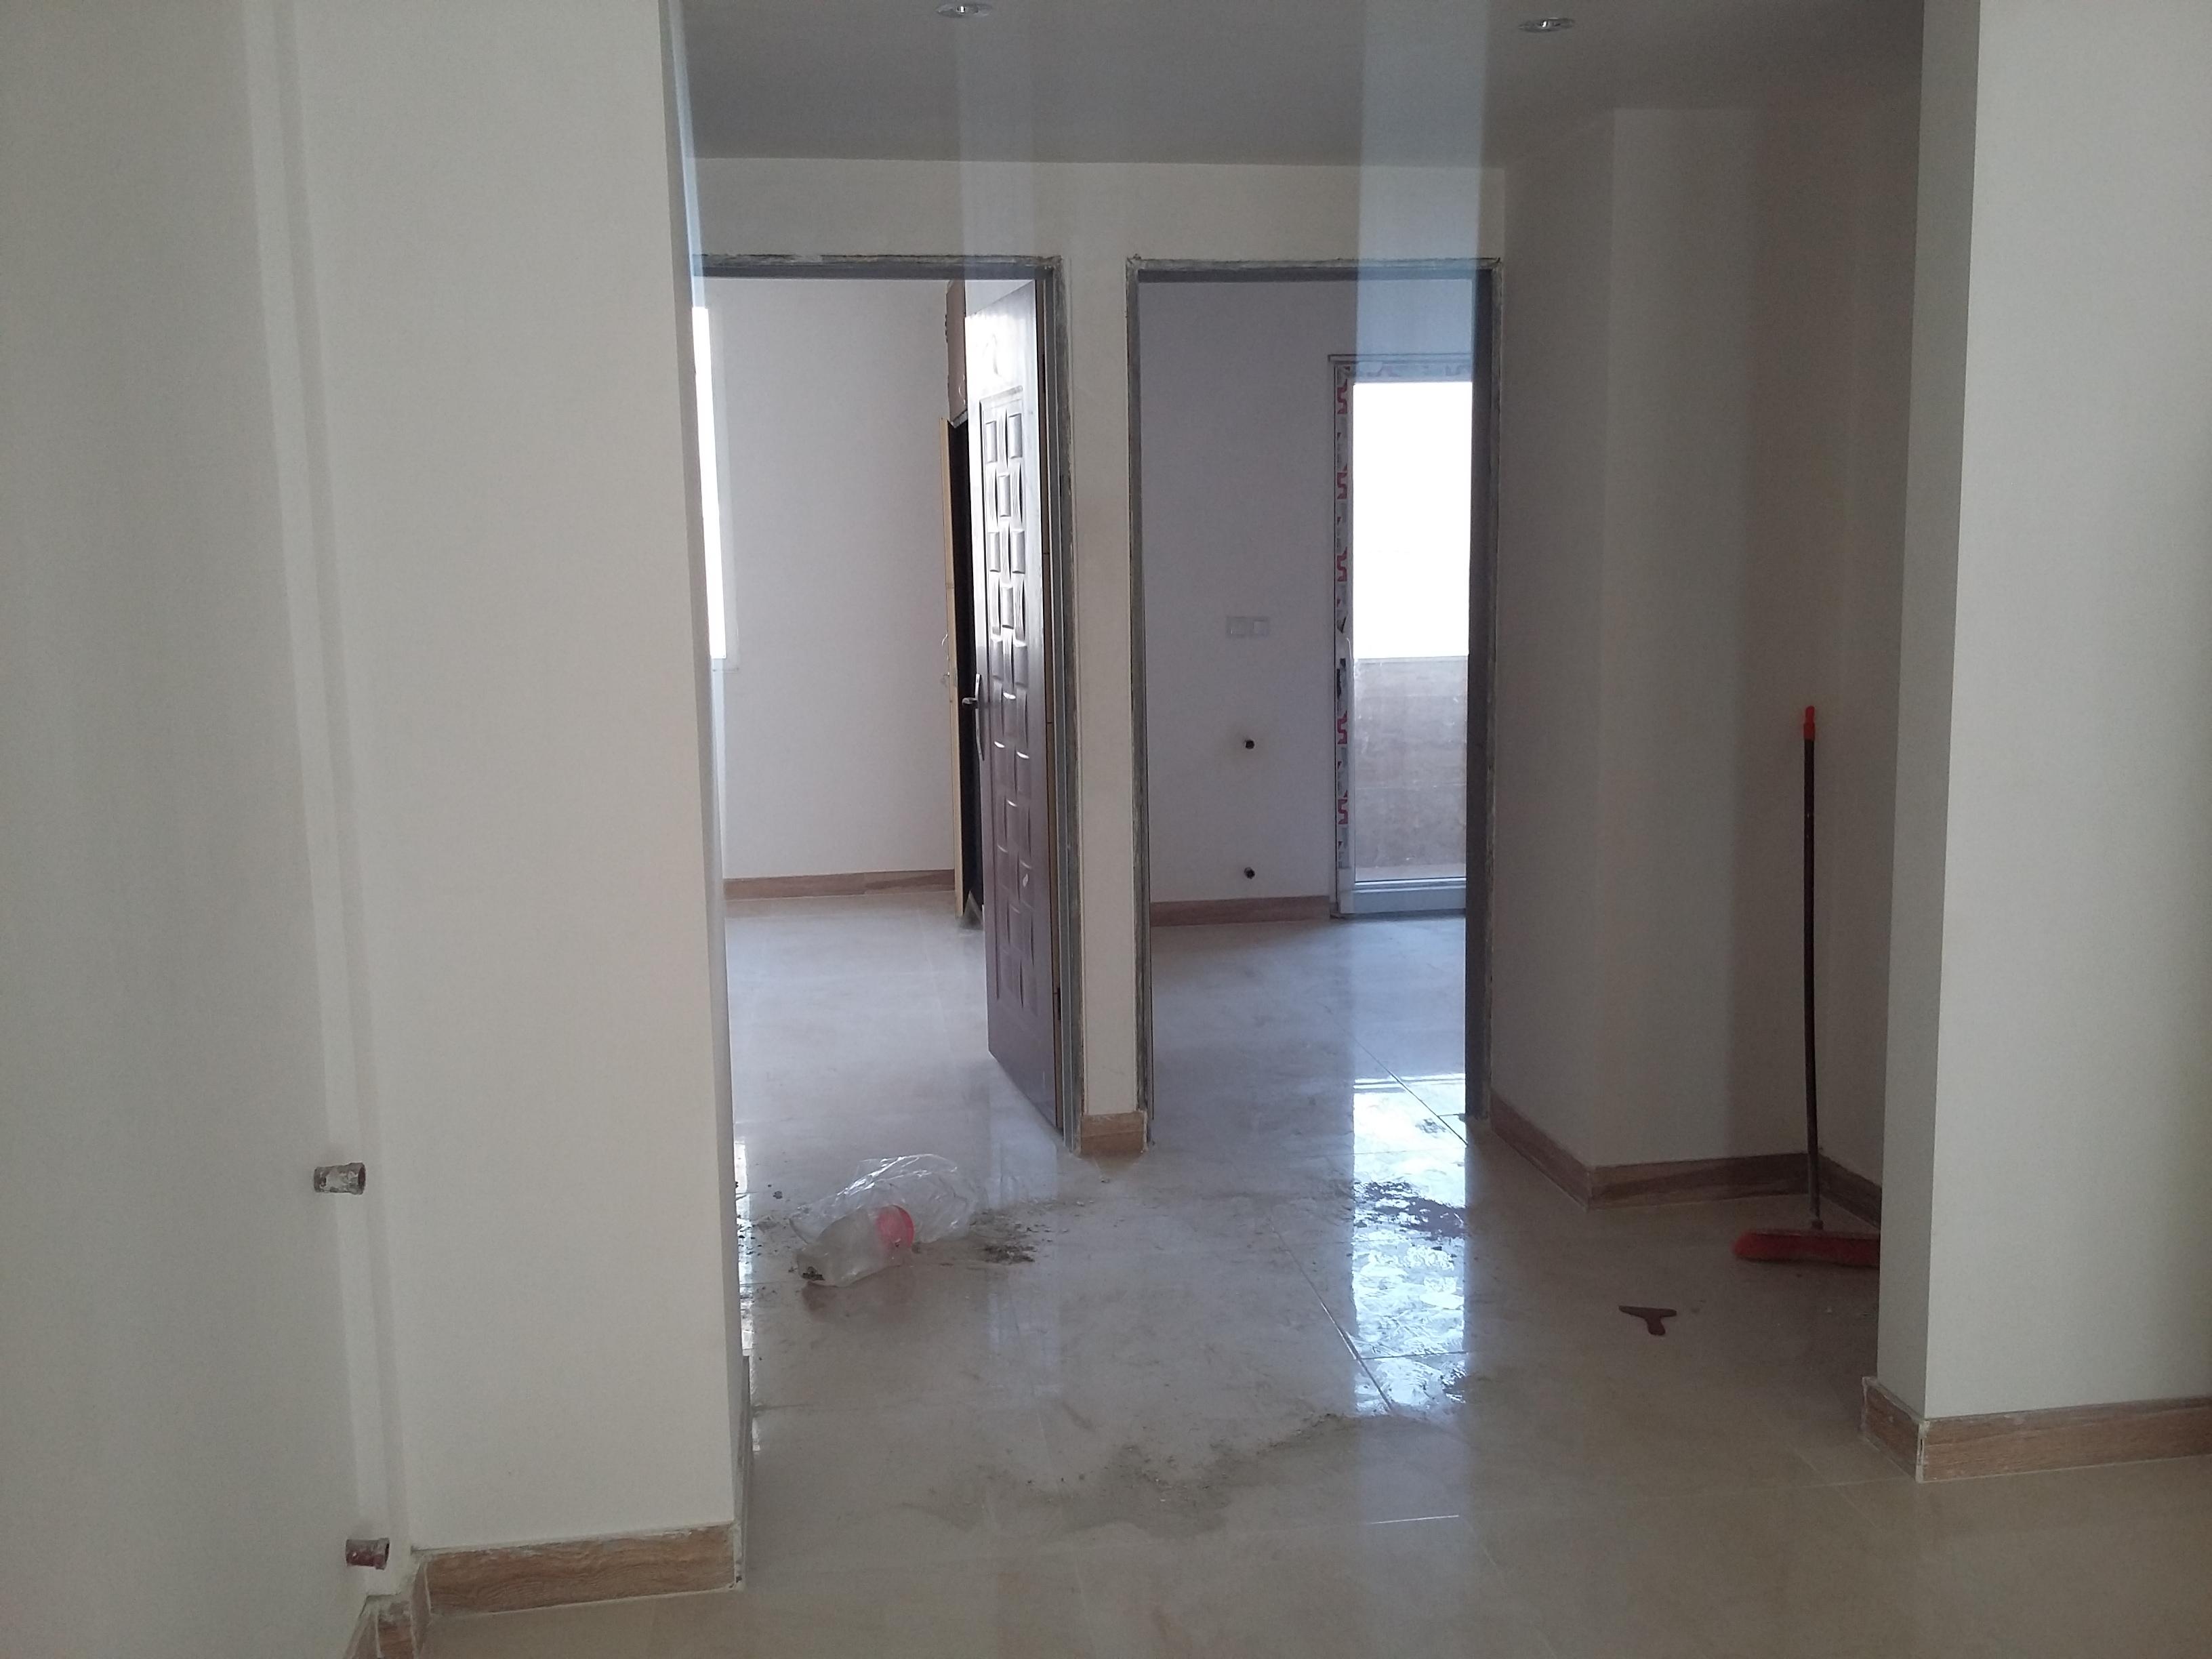 آپارتمان ۵۰ متر ۵ساله برای فروش در شهرک مریم